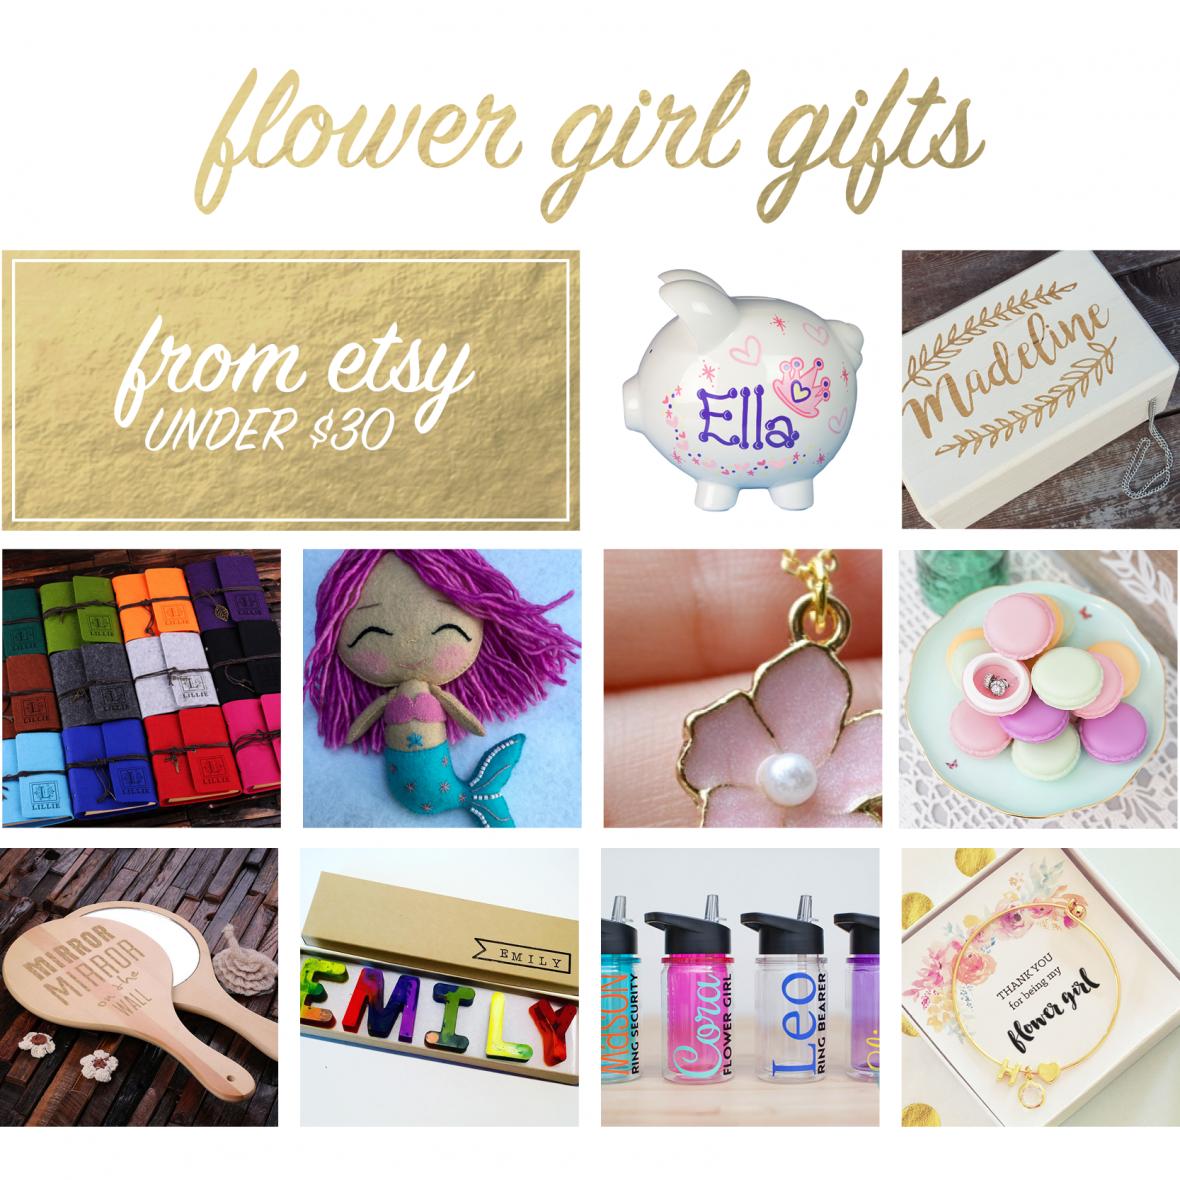 Handmade Gifts for Flower Girls from Etsy